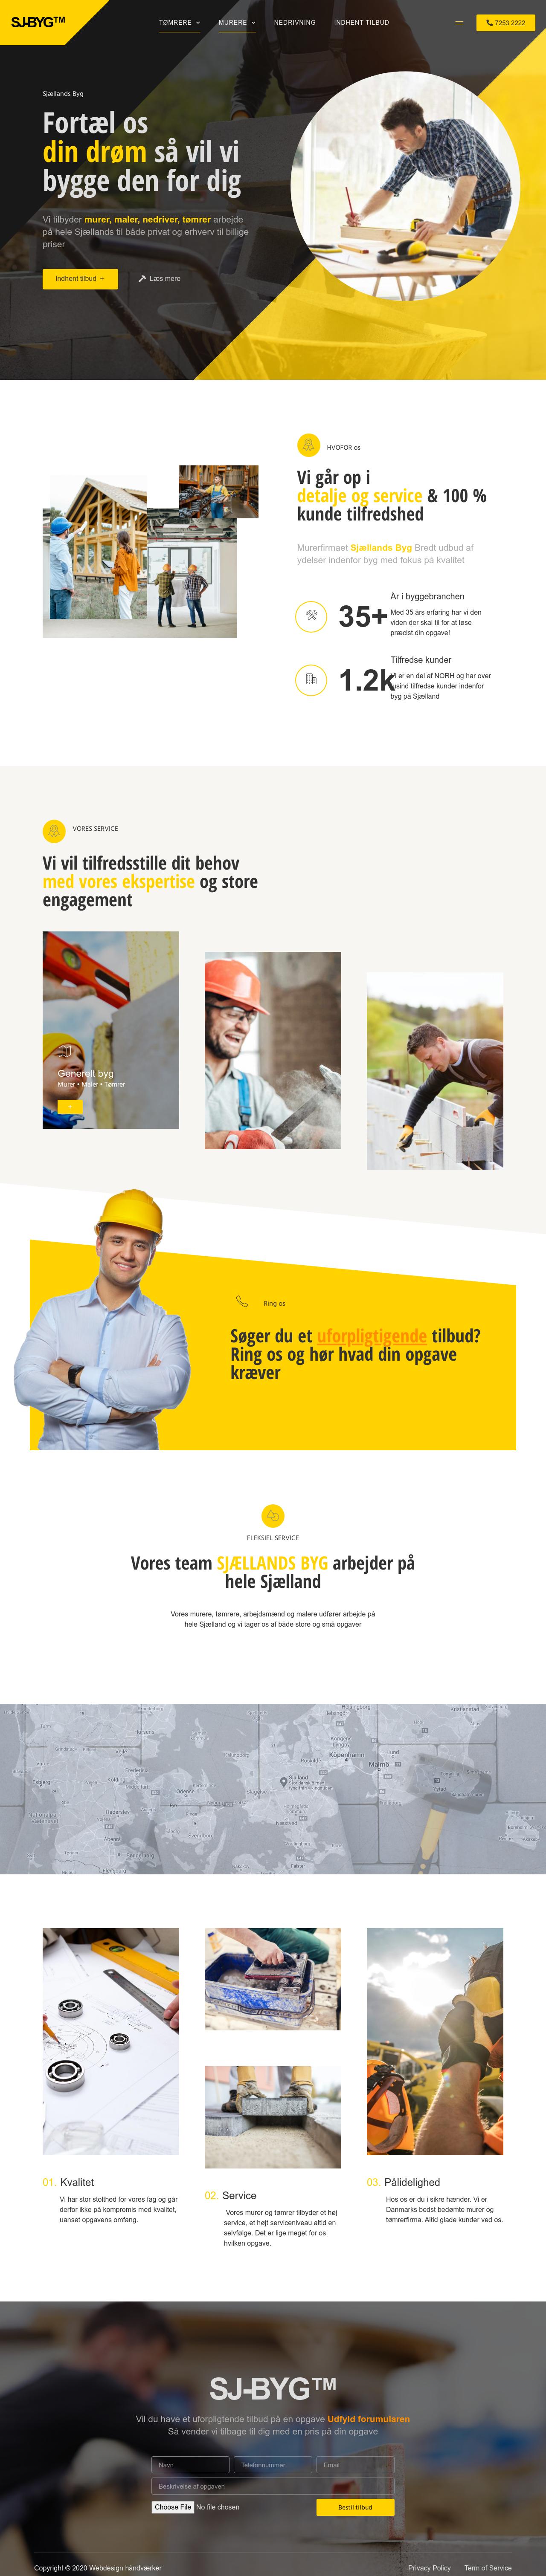 Ny hjemmeside murer og murerfirma